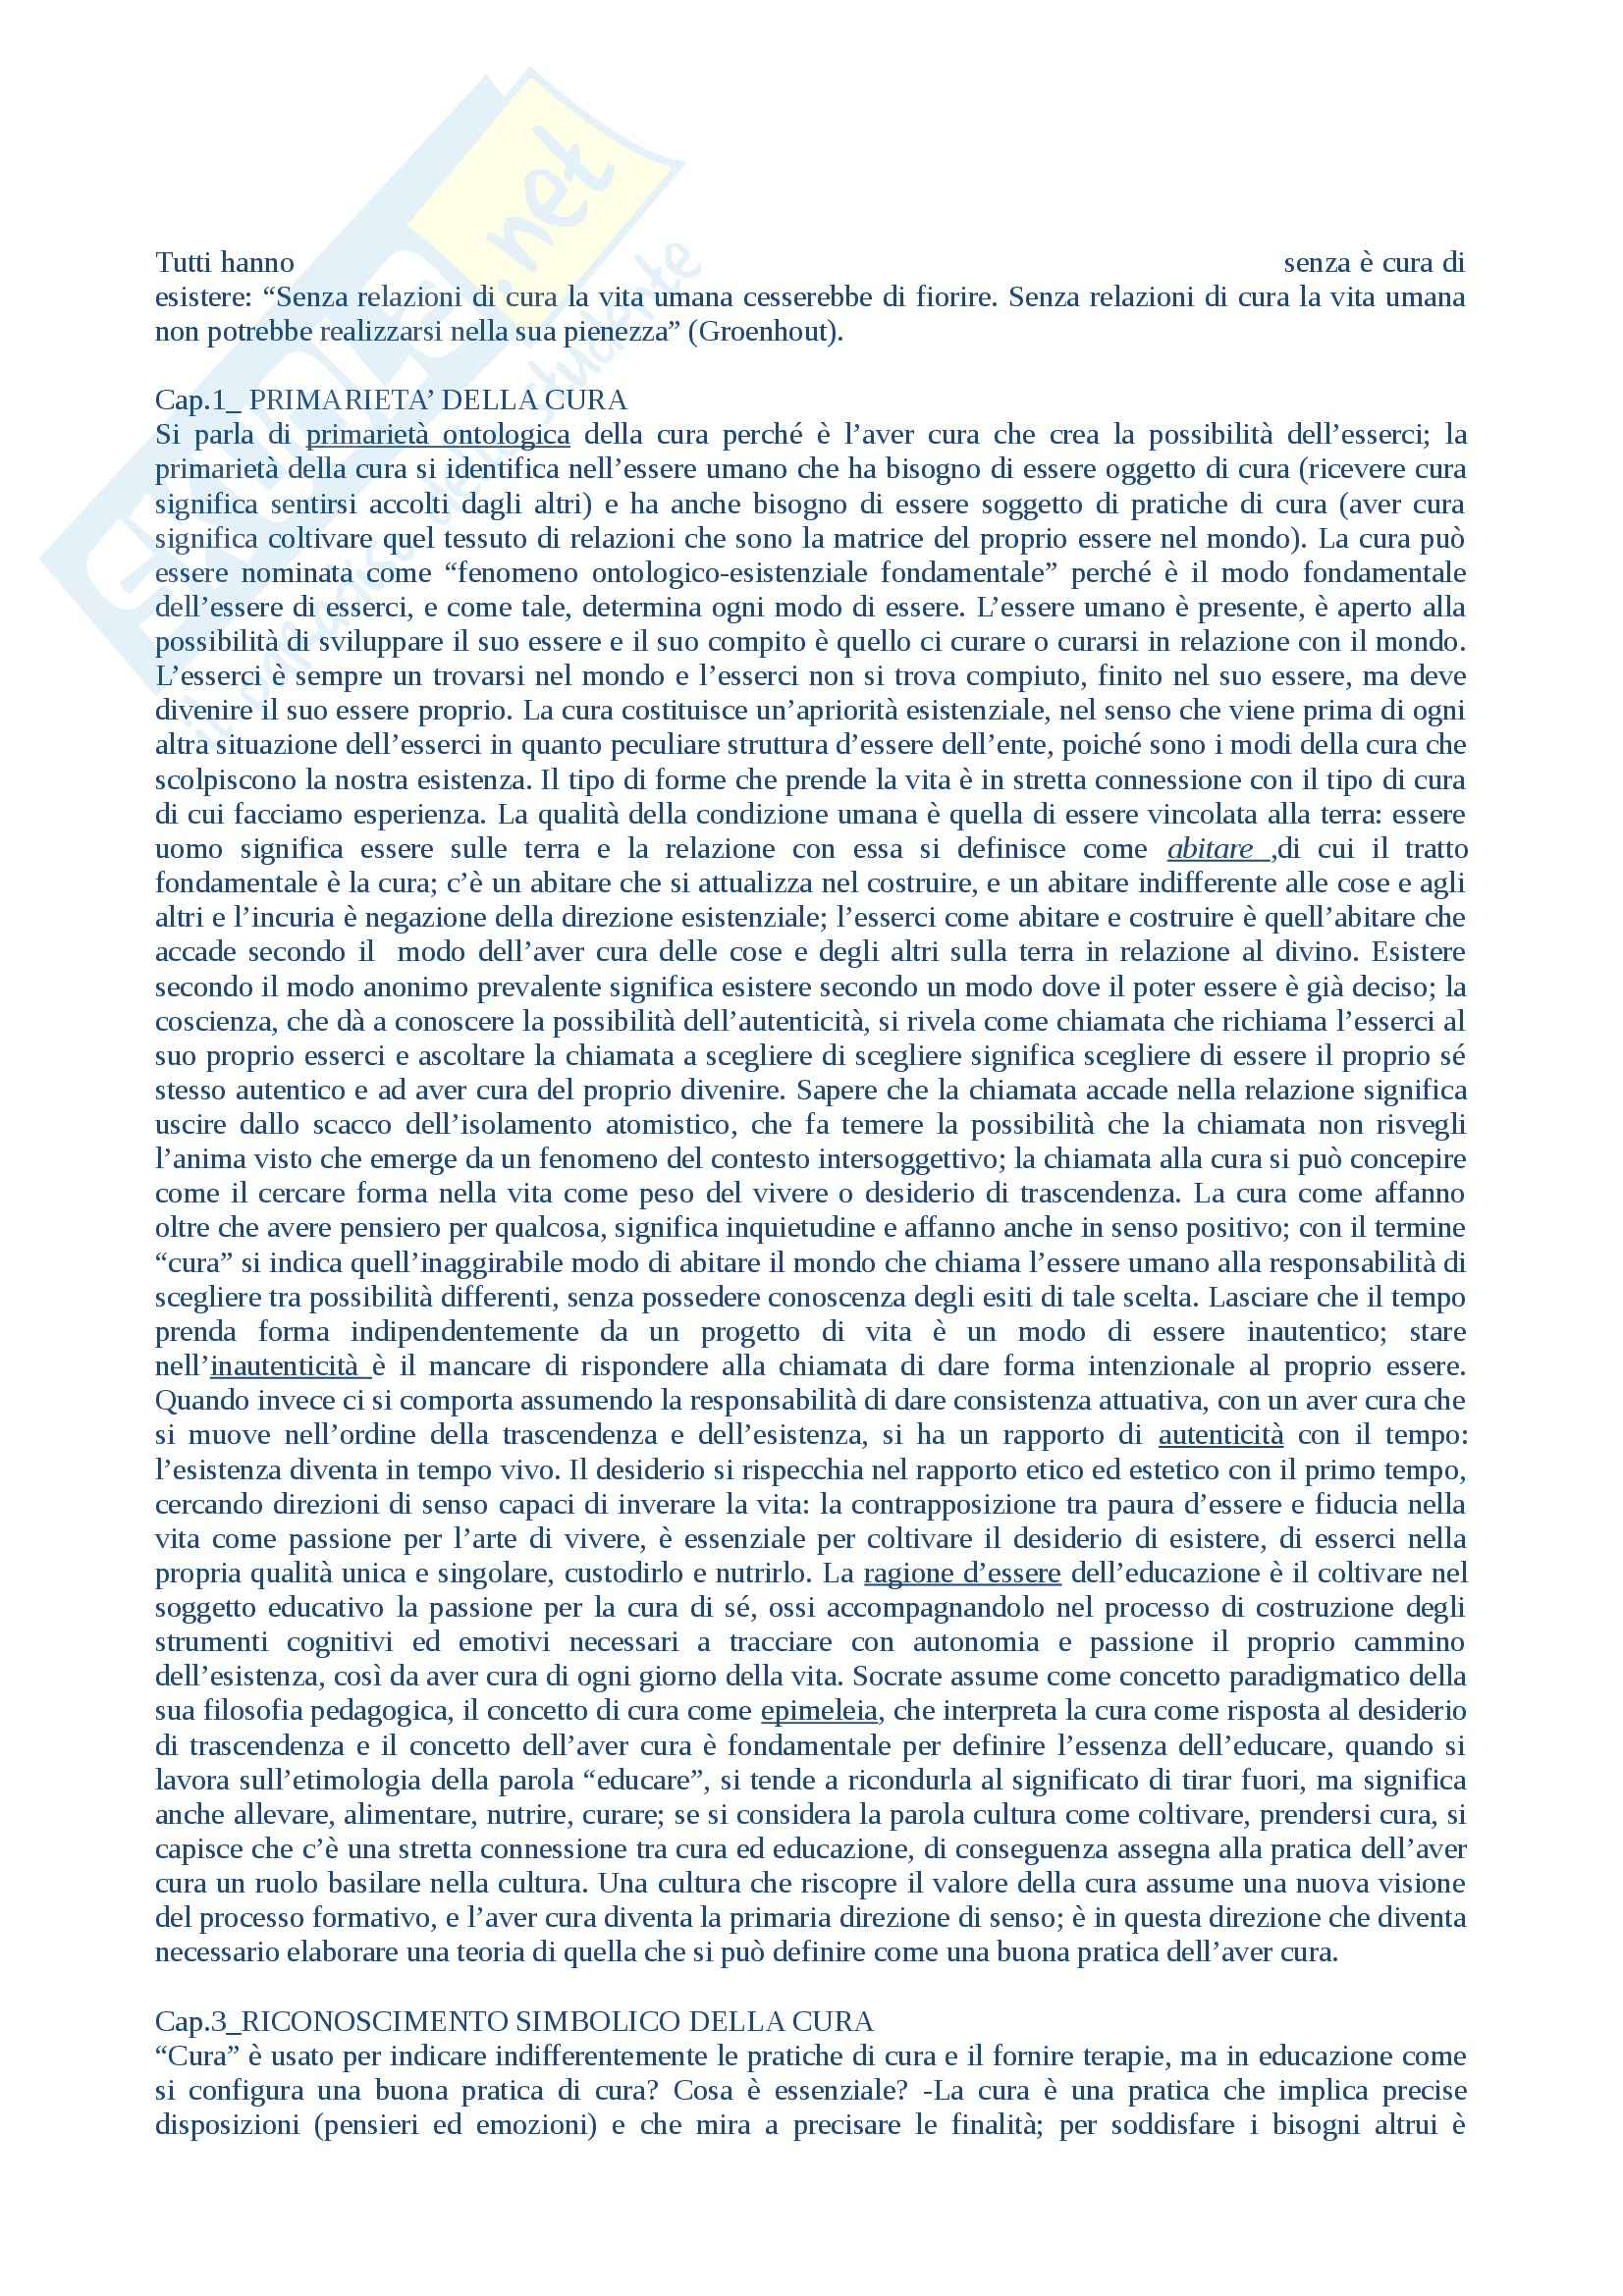 appunto V. Mazzoni Teorie e metodi dell'educazione